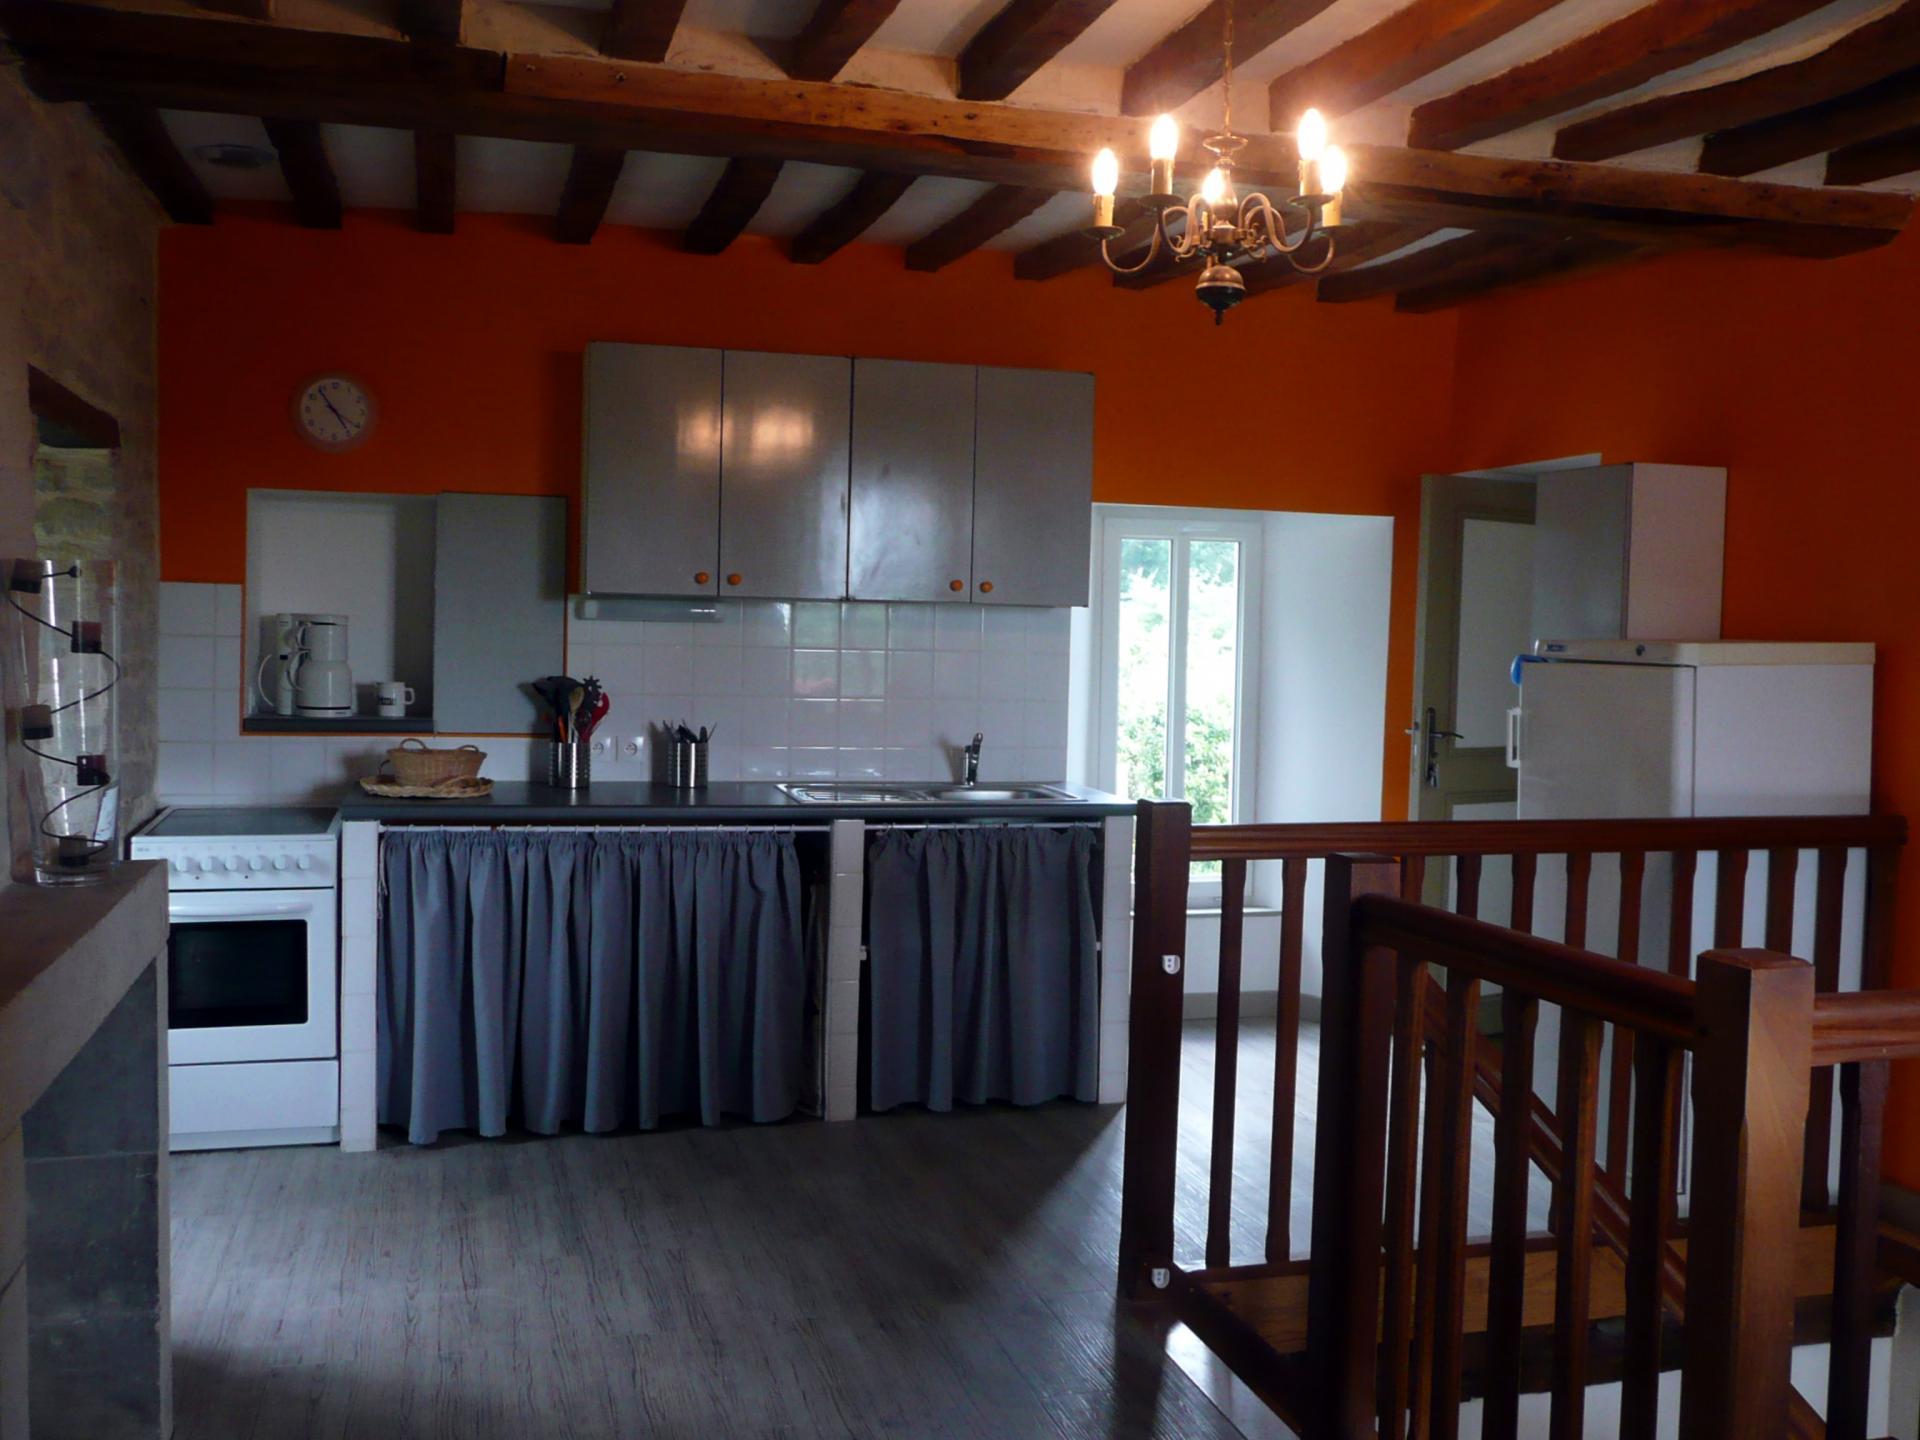 Maison d'hôtes : cuisine et coin repas à disposition